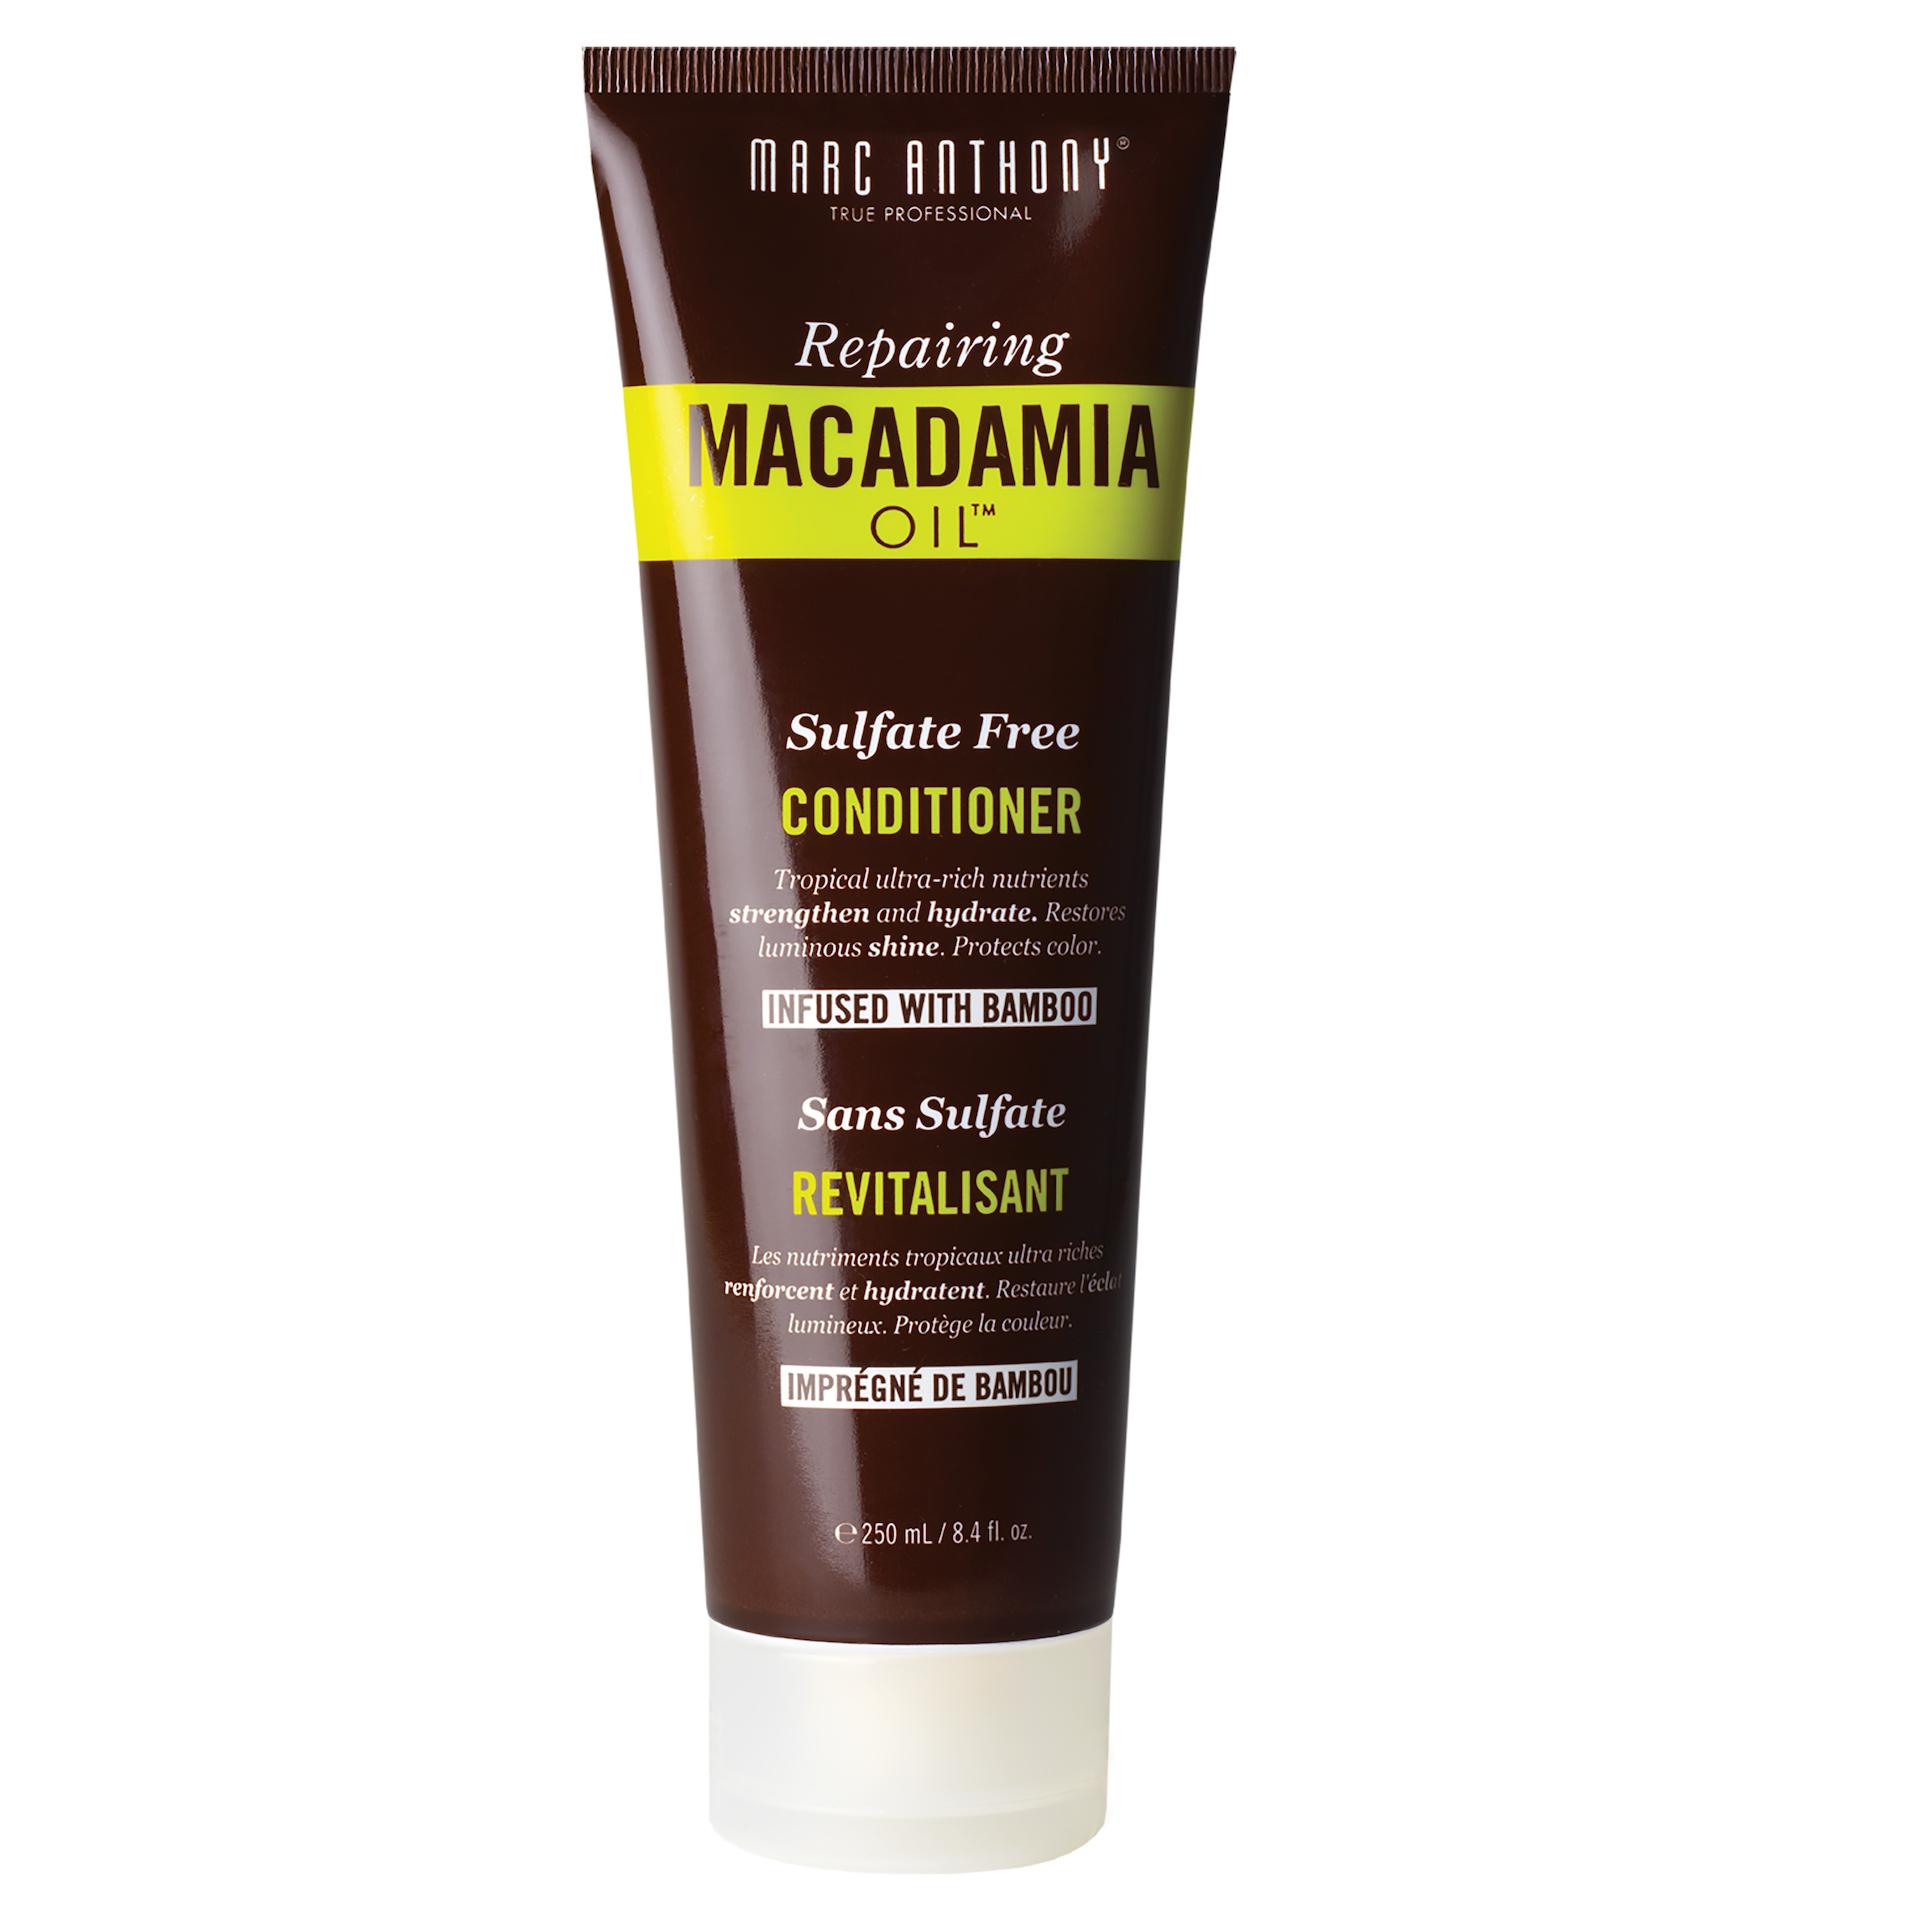 Repairing Macadamia Oil Conditioner